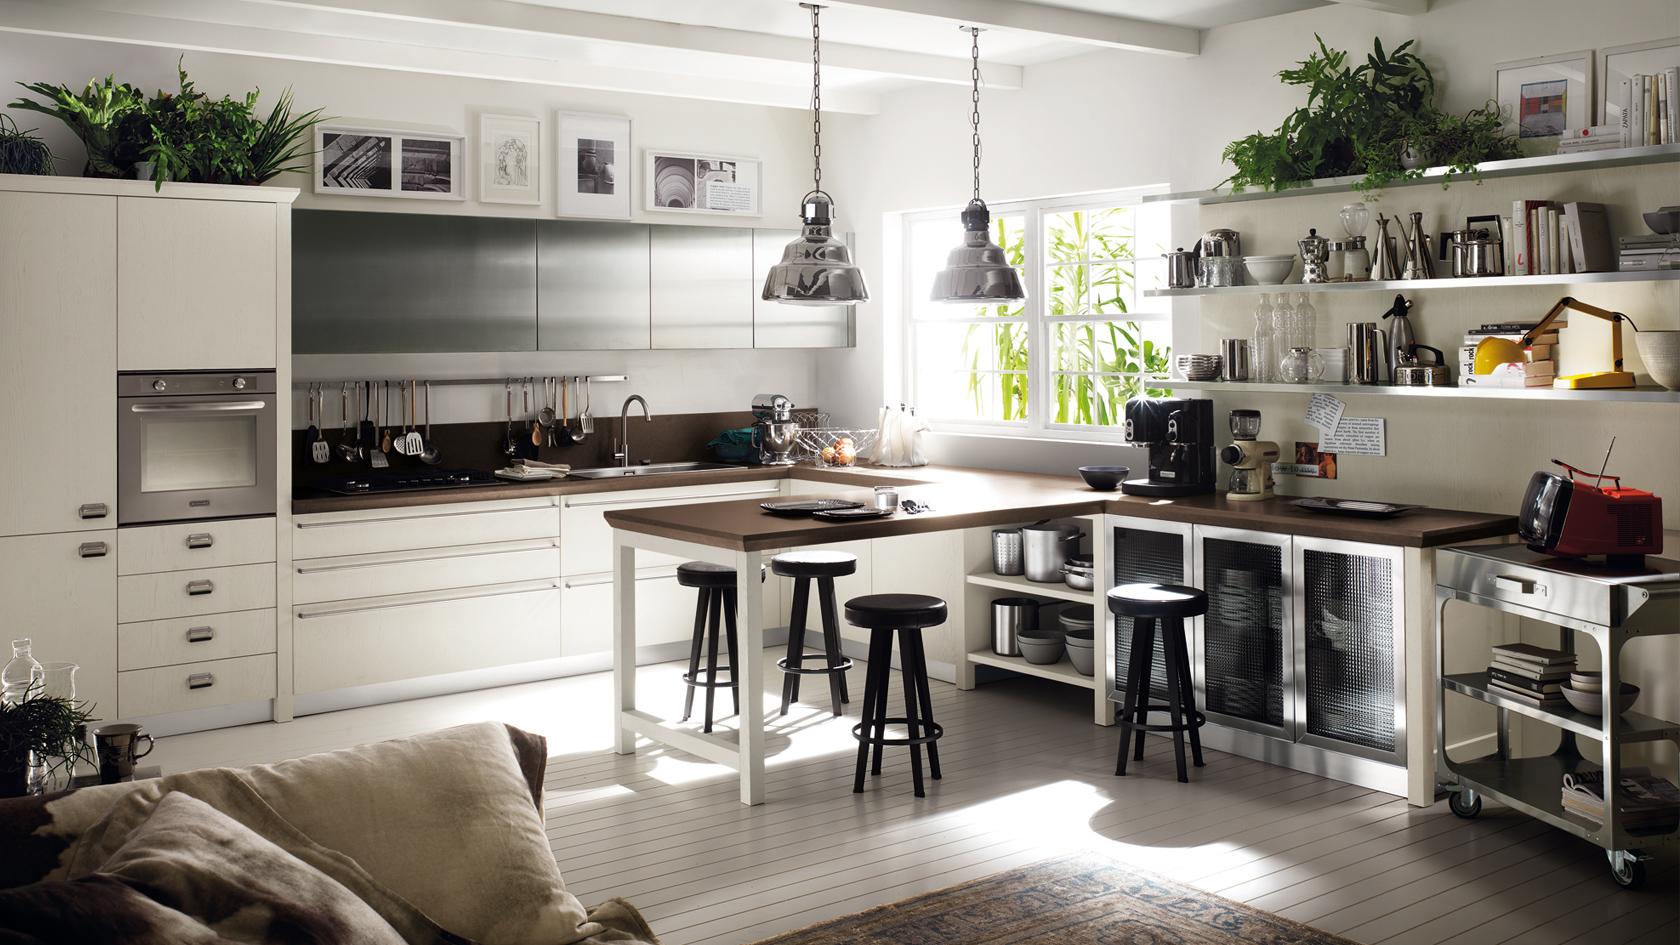 Scavolini diesel social kitchen centro mobili andreozzi